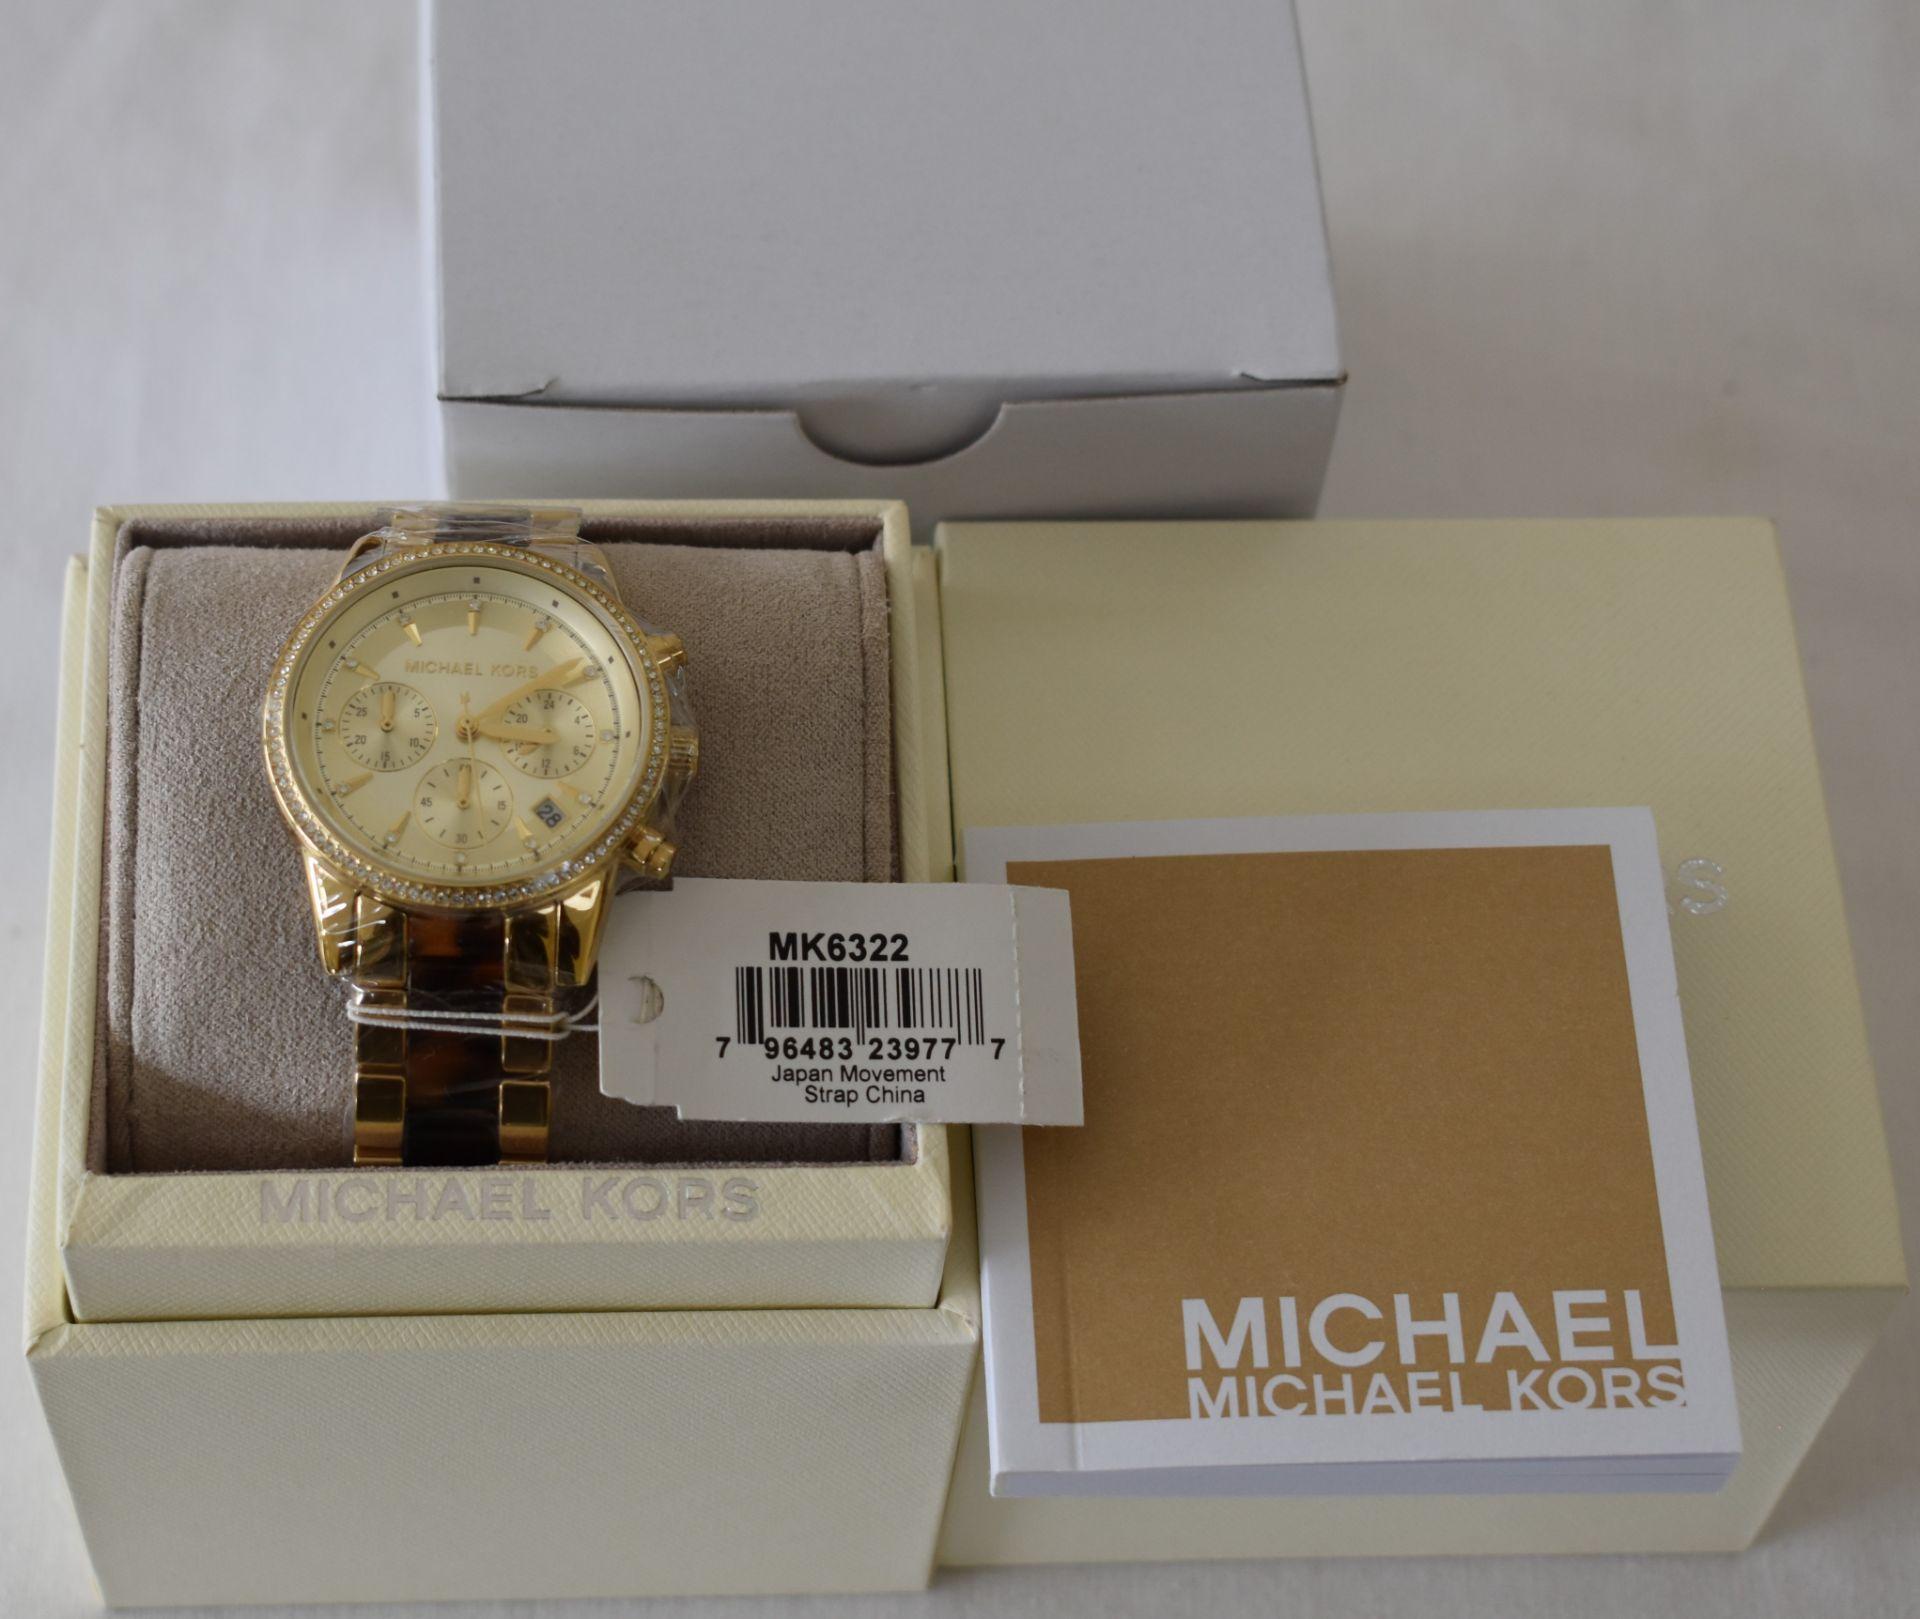 Michael Kors MK6322 Ladies Watch